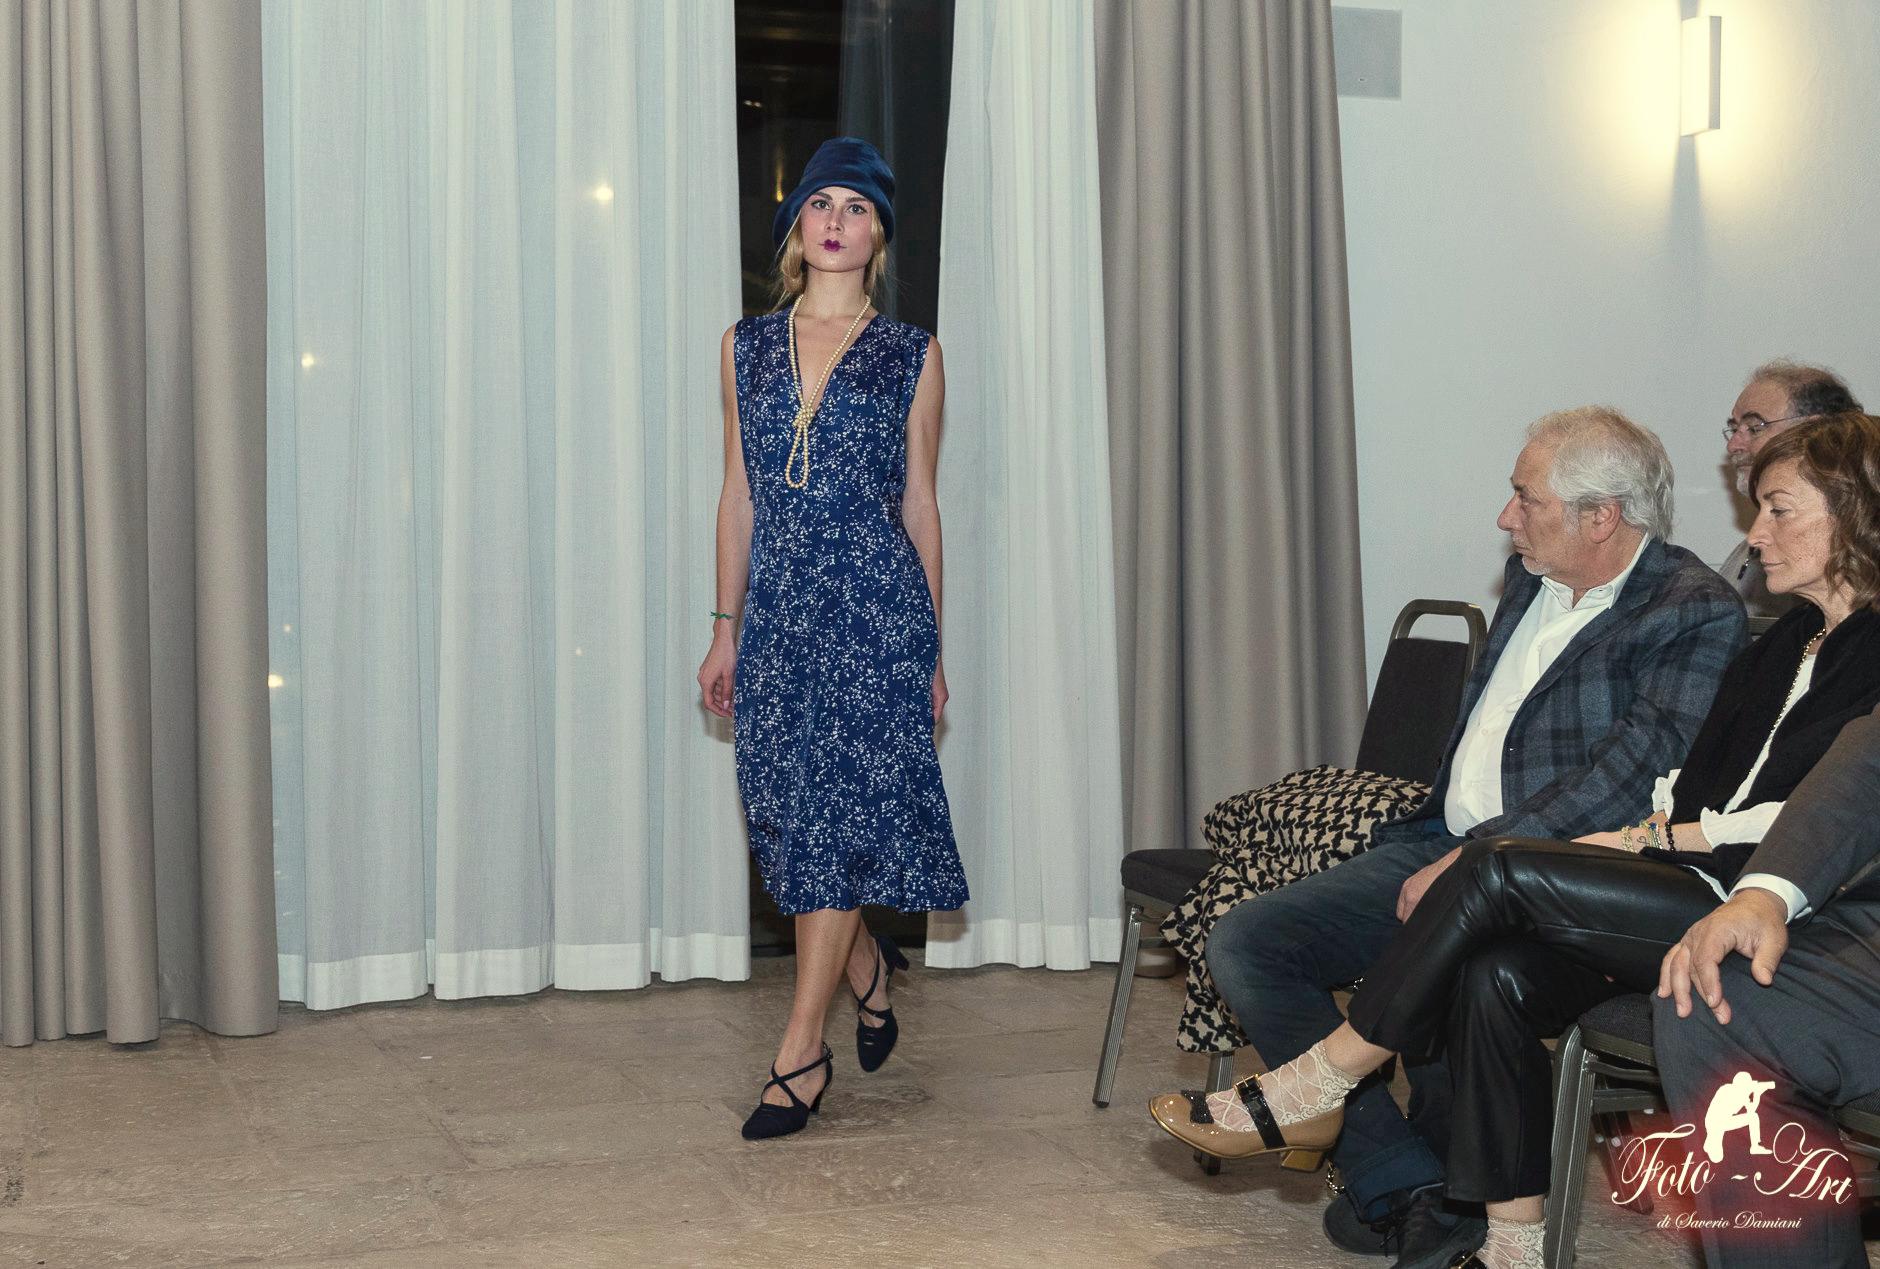 20s dress fashion museum moda luciano lapadula storia libro anni 20 il macabro e il grottesco nella moda e nel costume maria francesca bove sfilata rotary scrittore cloche